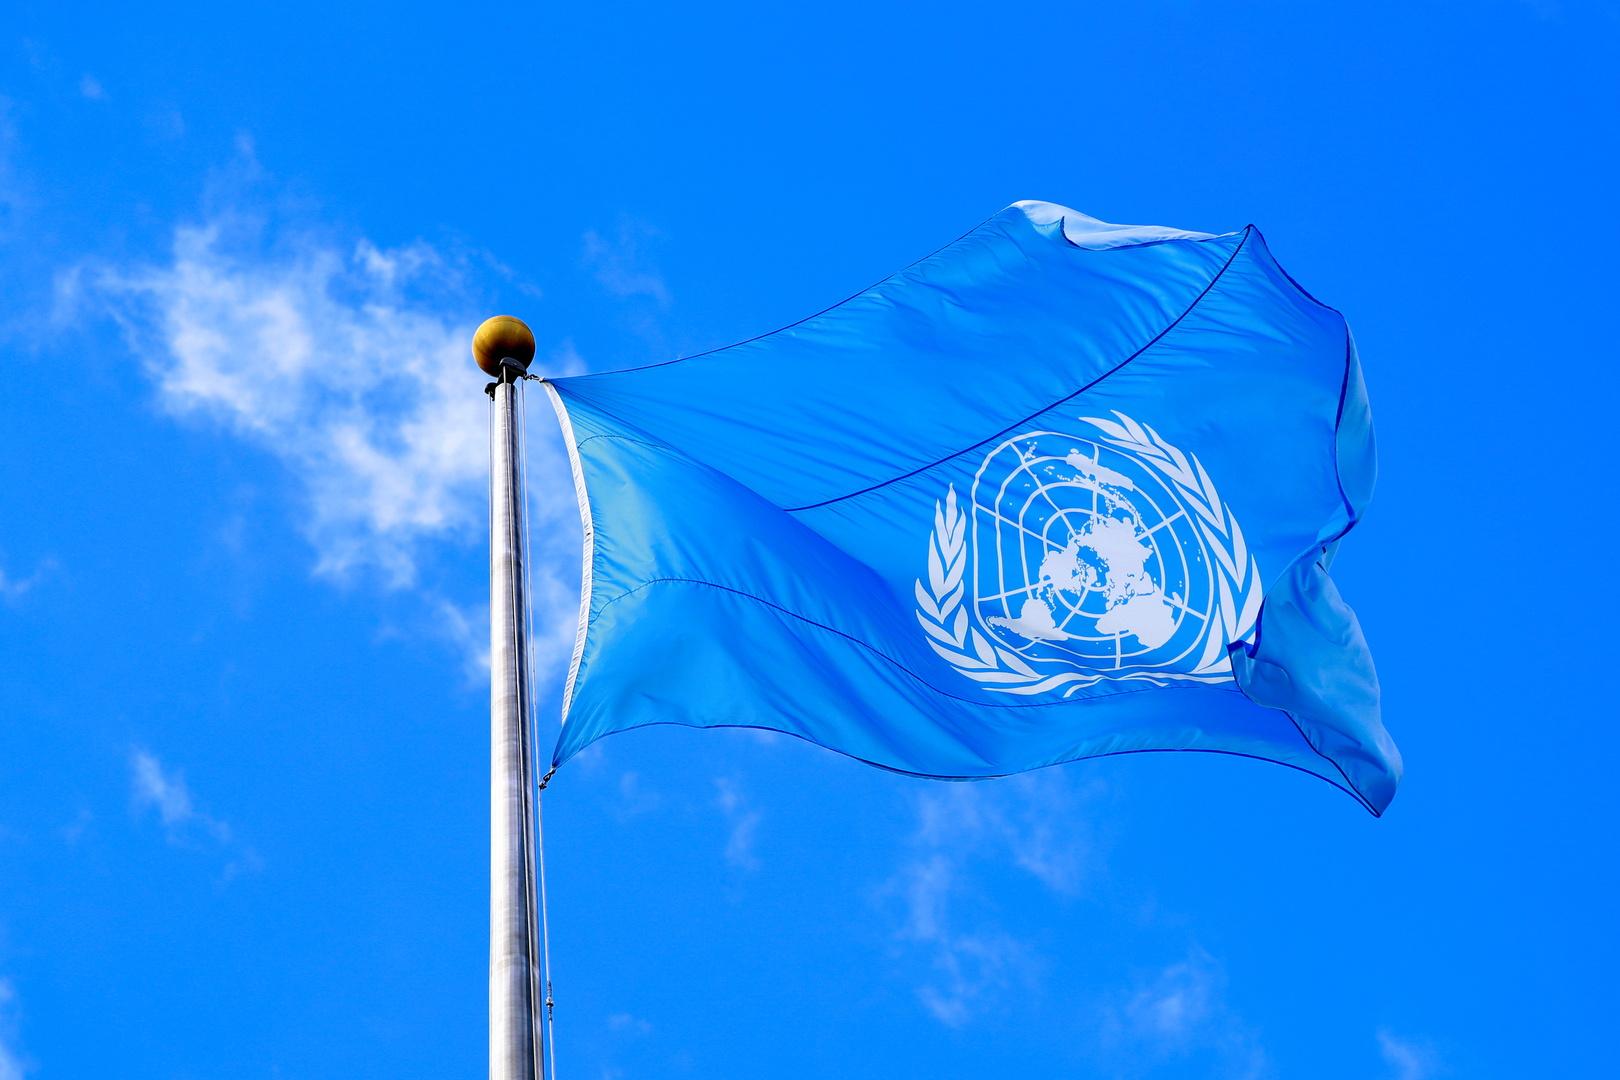 الأمم المتحدة تحدد موعد مؤتمر دولي لتقديم مساعدات إلى أفغانستان